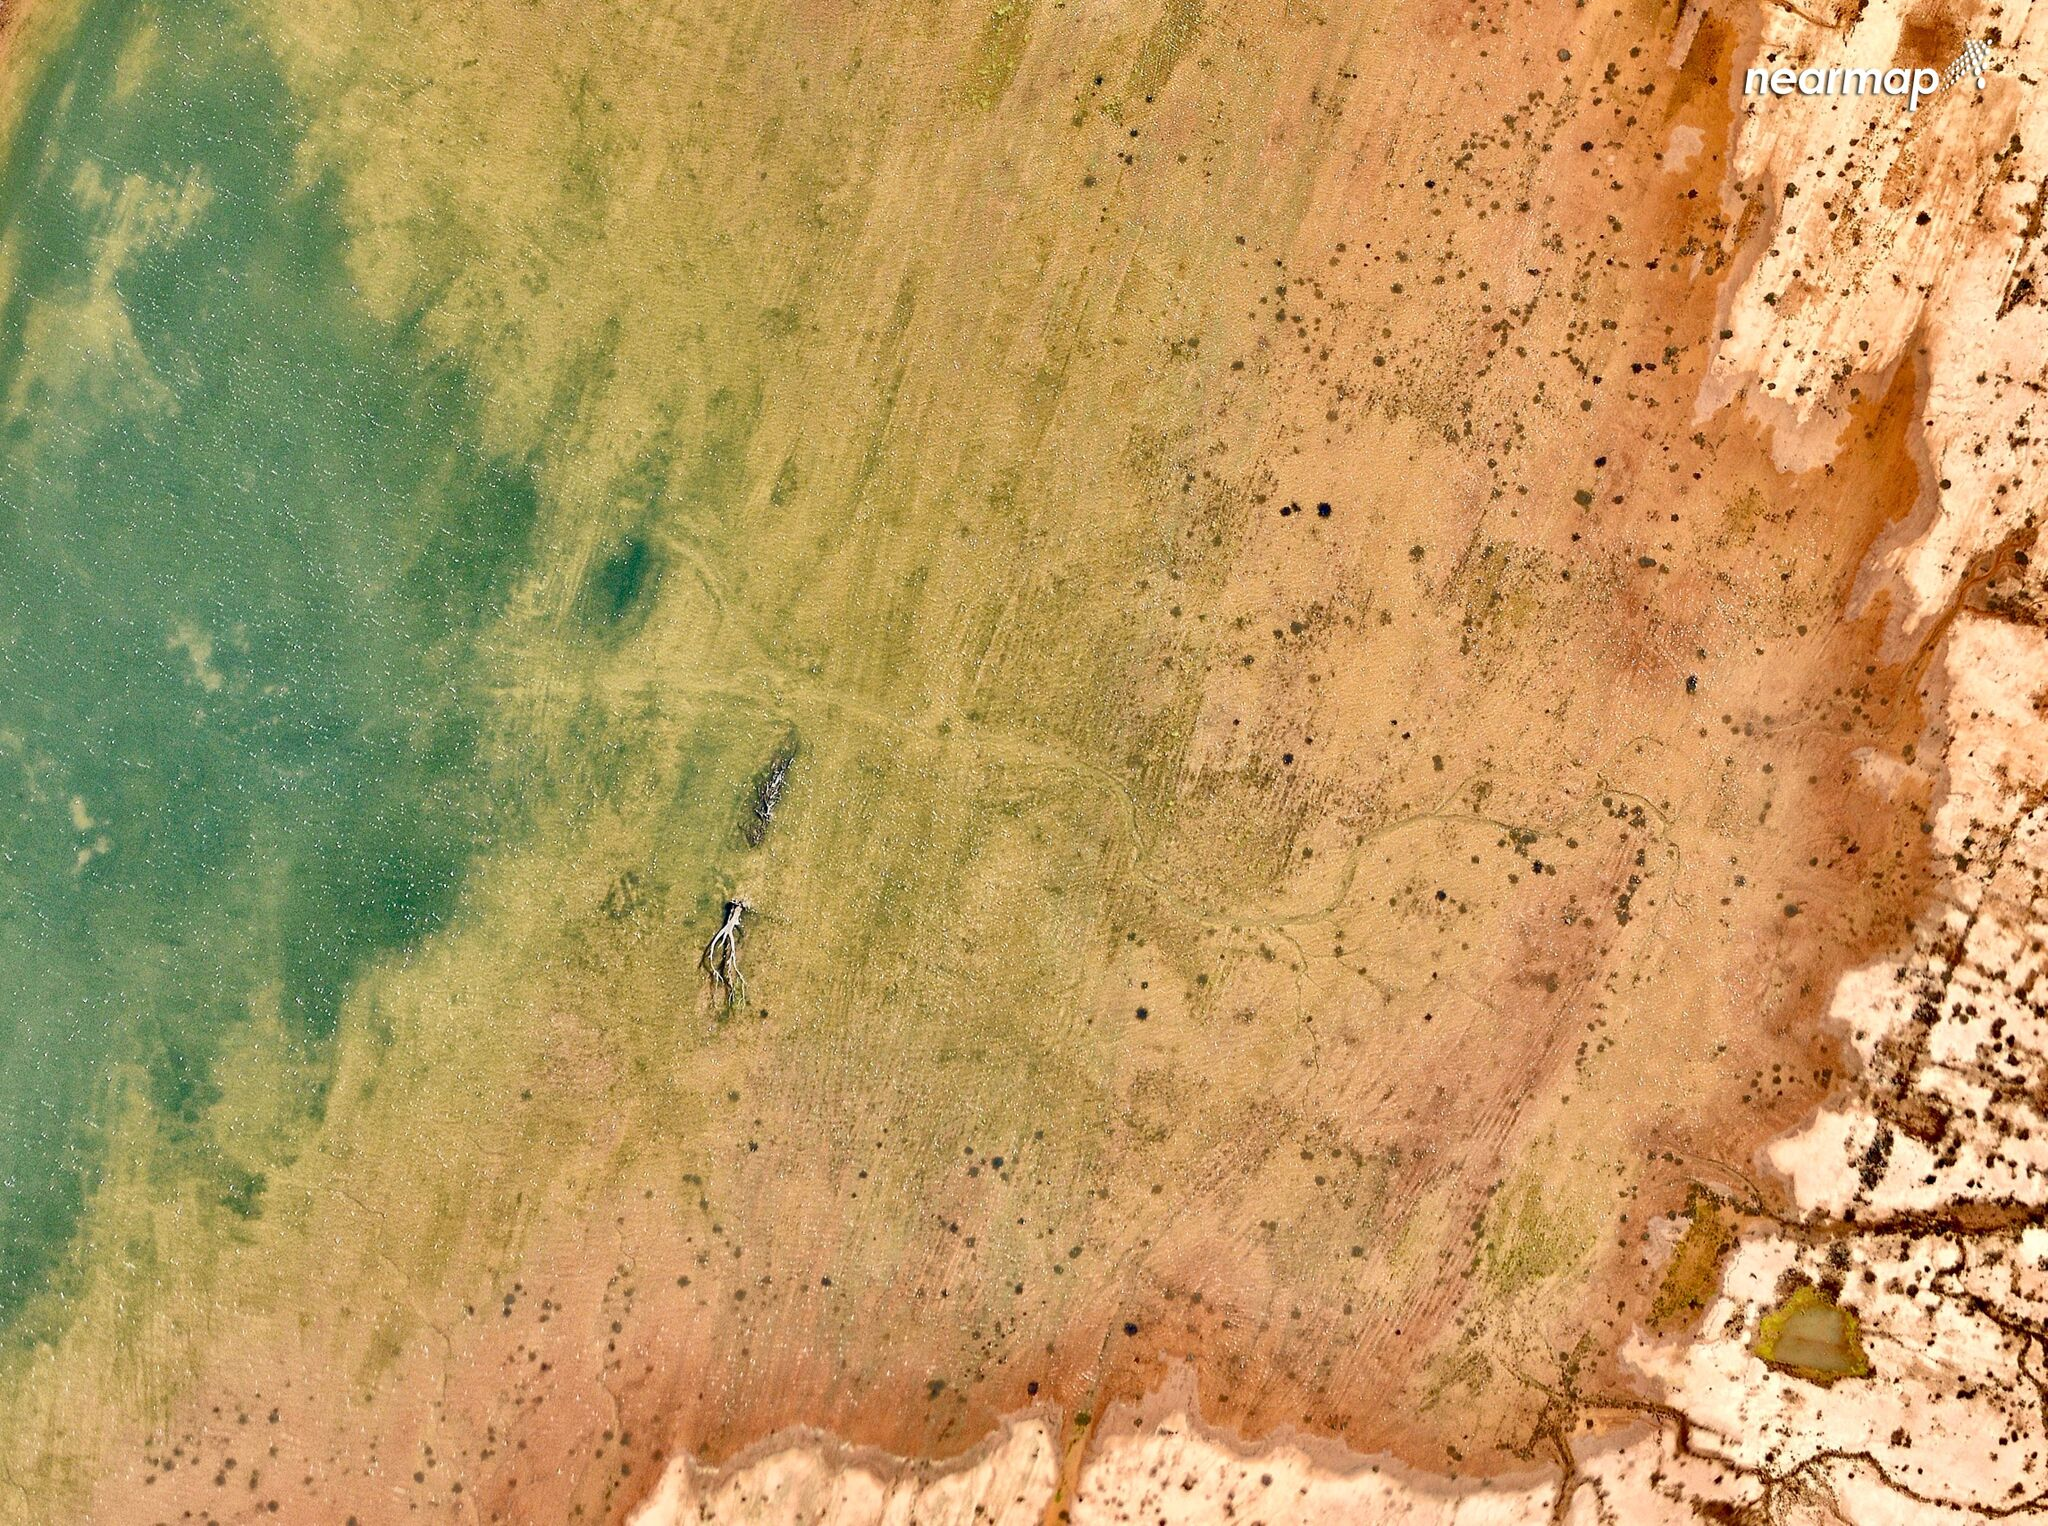 6. Woodvale VIC - 10 bức ảnh tuyệt đẹp cho bạn góc nhìn 'lạ' về nước Úc bạn chưa từng thấy trước đây